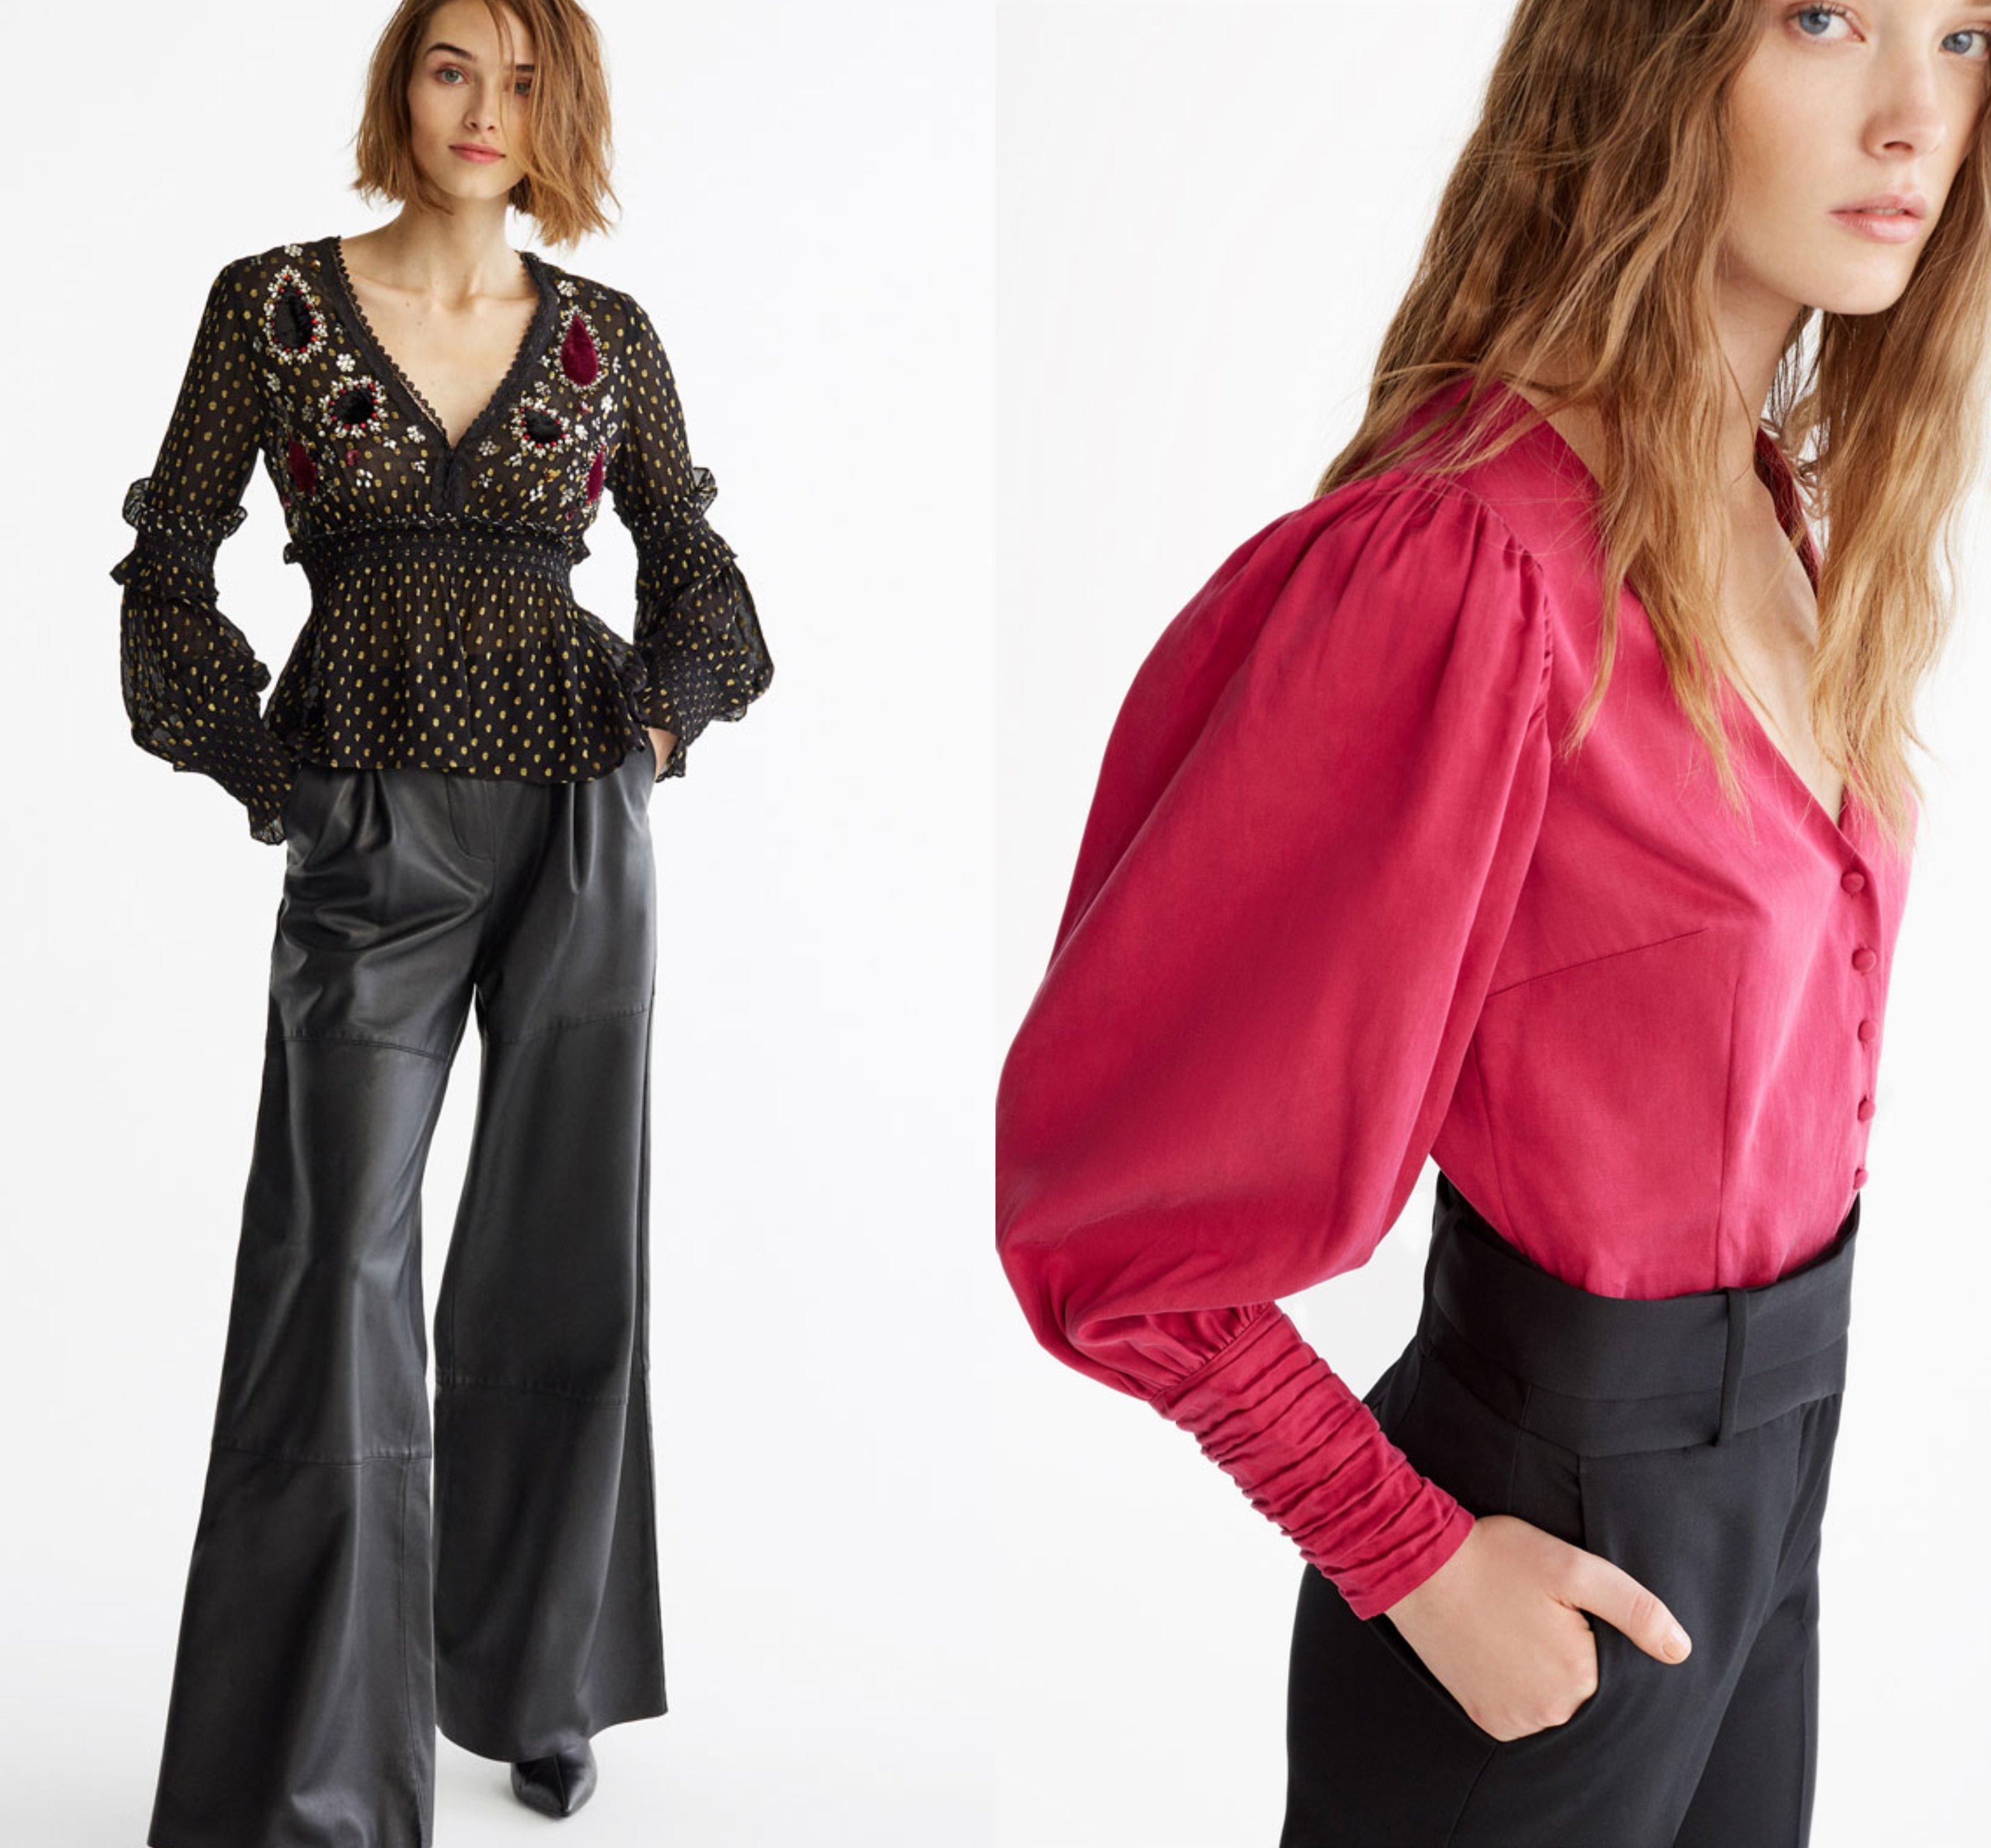 Košulje i bluze iz high street ponude koje čine razliku